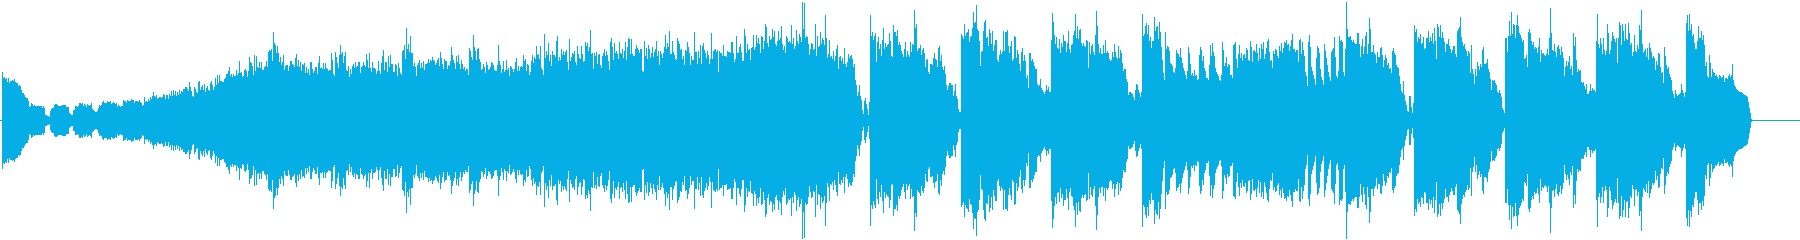 緊迫感のあるEDMの再生済みの波形